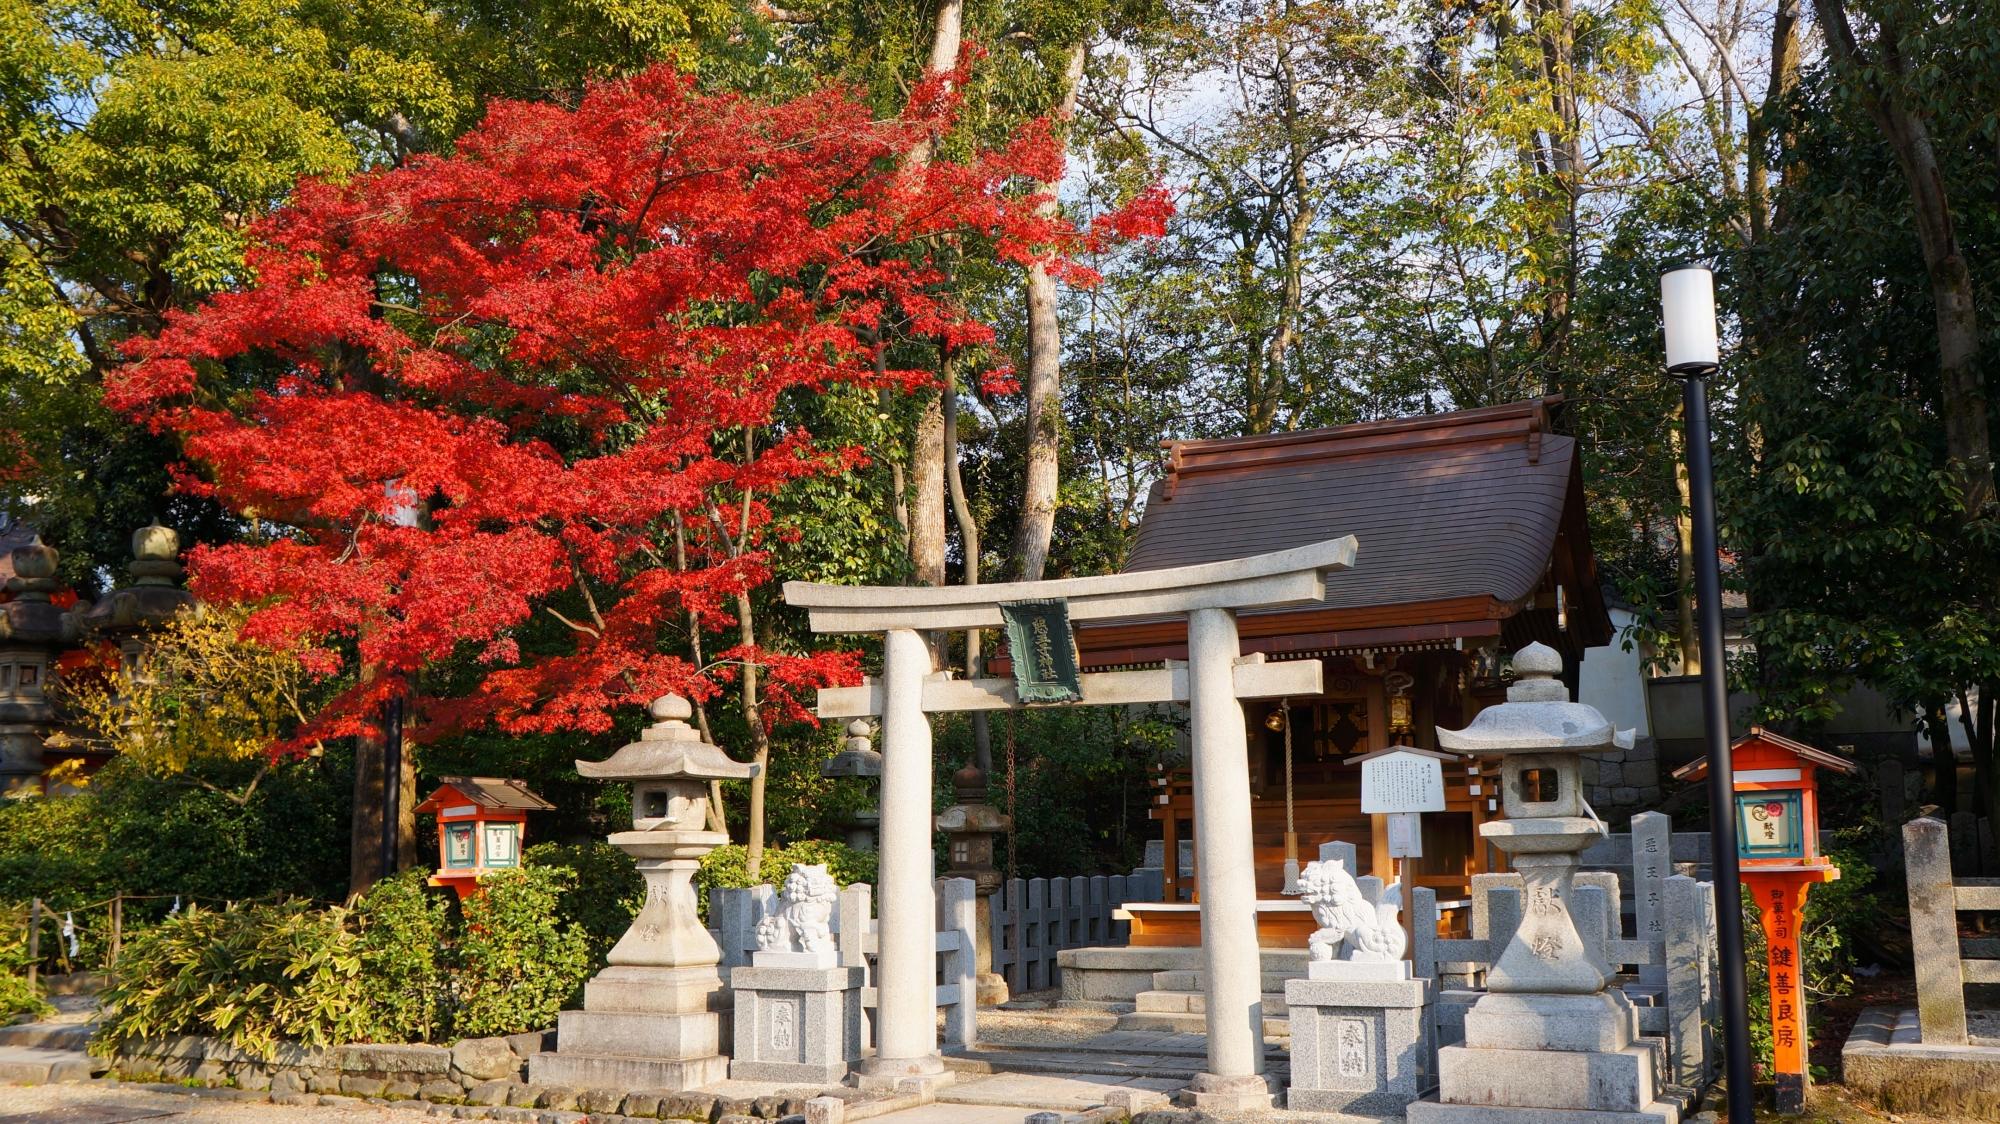 八坂神社の悪王子社と真っ赤な紅葉